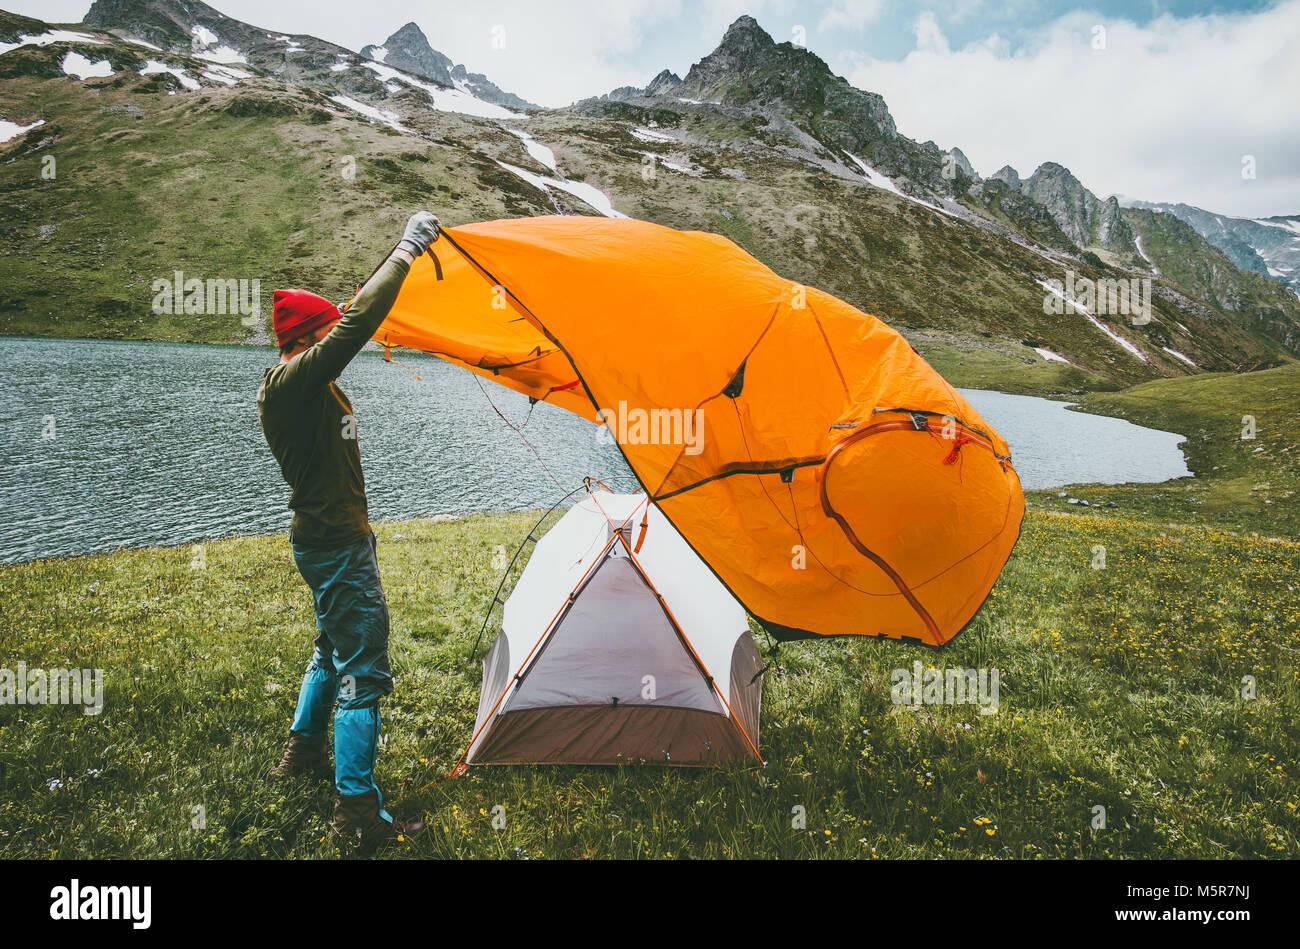 L'uomo pitching tende da campeggio outdoor Travel adventure lifestyle concetto montagna vacanze viaggio nel Immagini Stock